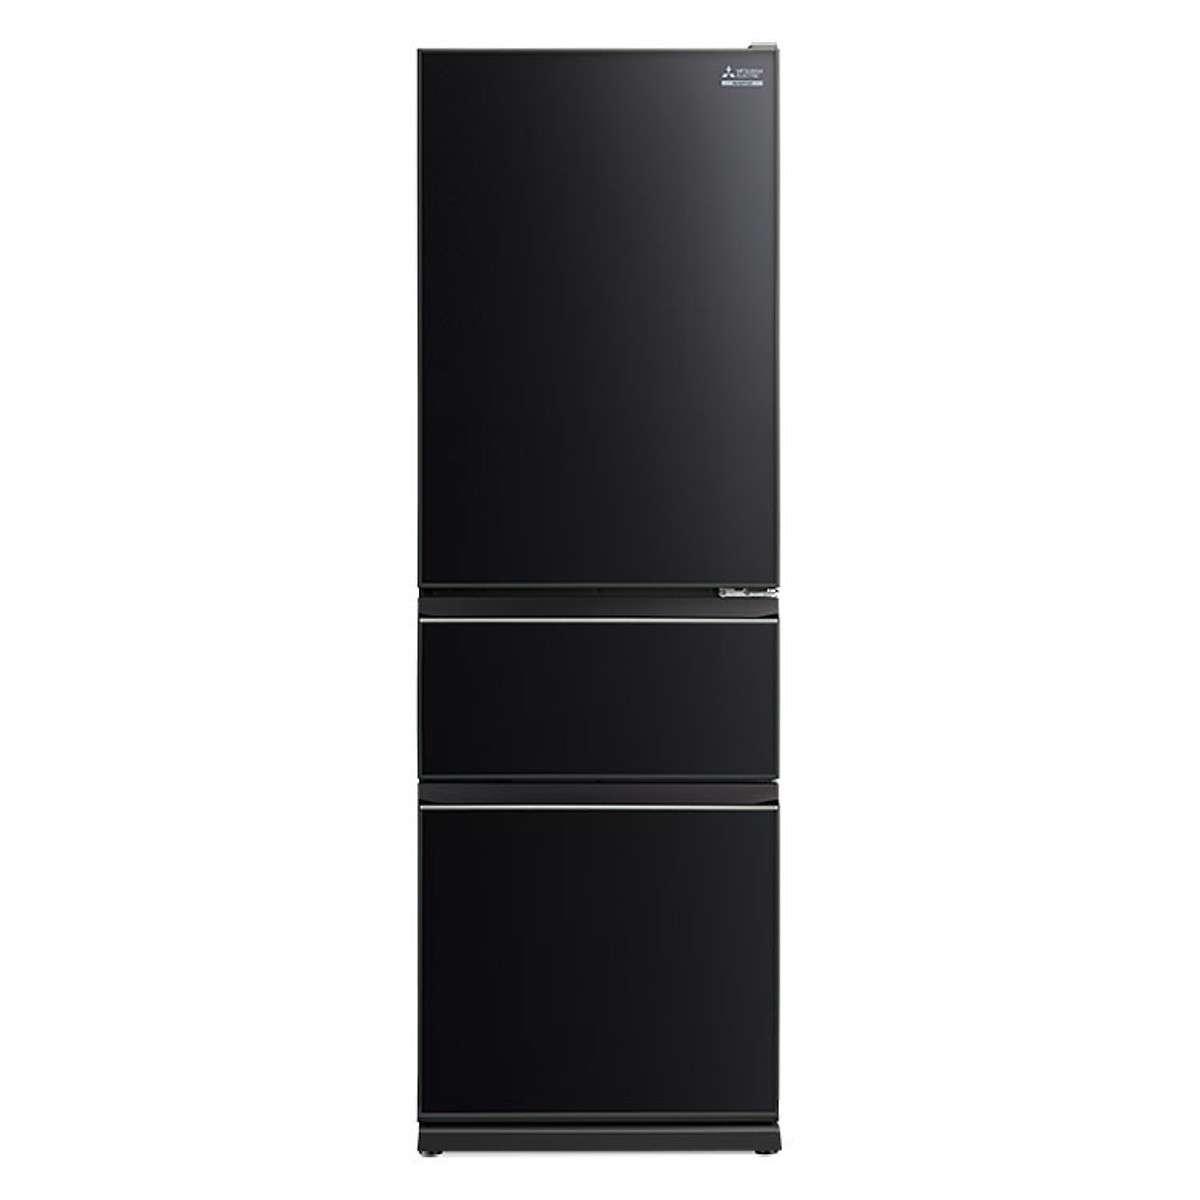 Tủ lạnh Mitsubishi Inverter 330 lít MR-CGX41EN-GBK-V